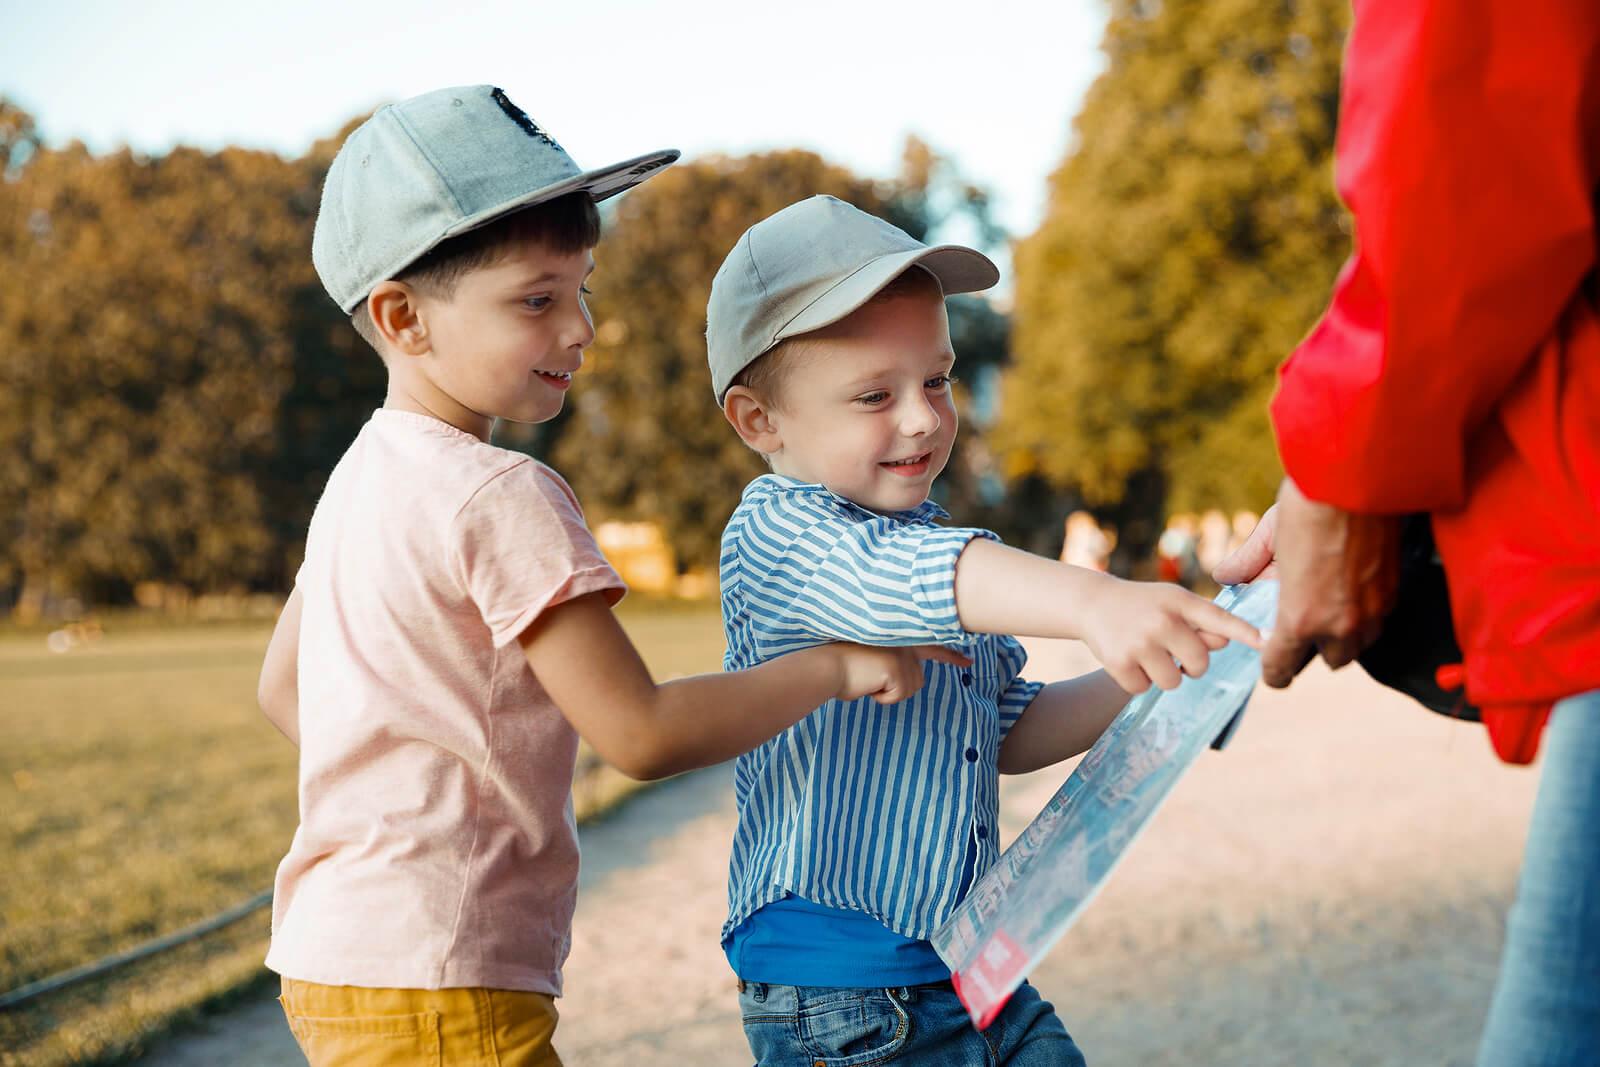 Niños consultando un mapa en la ciudad.